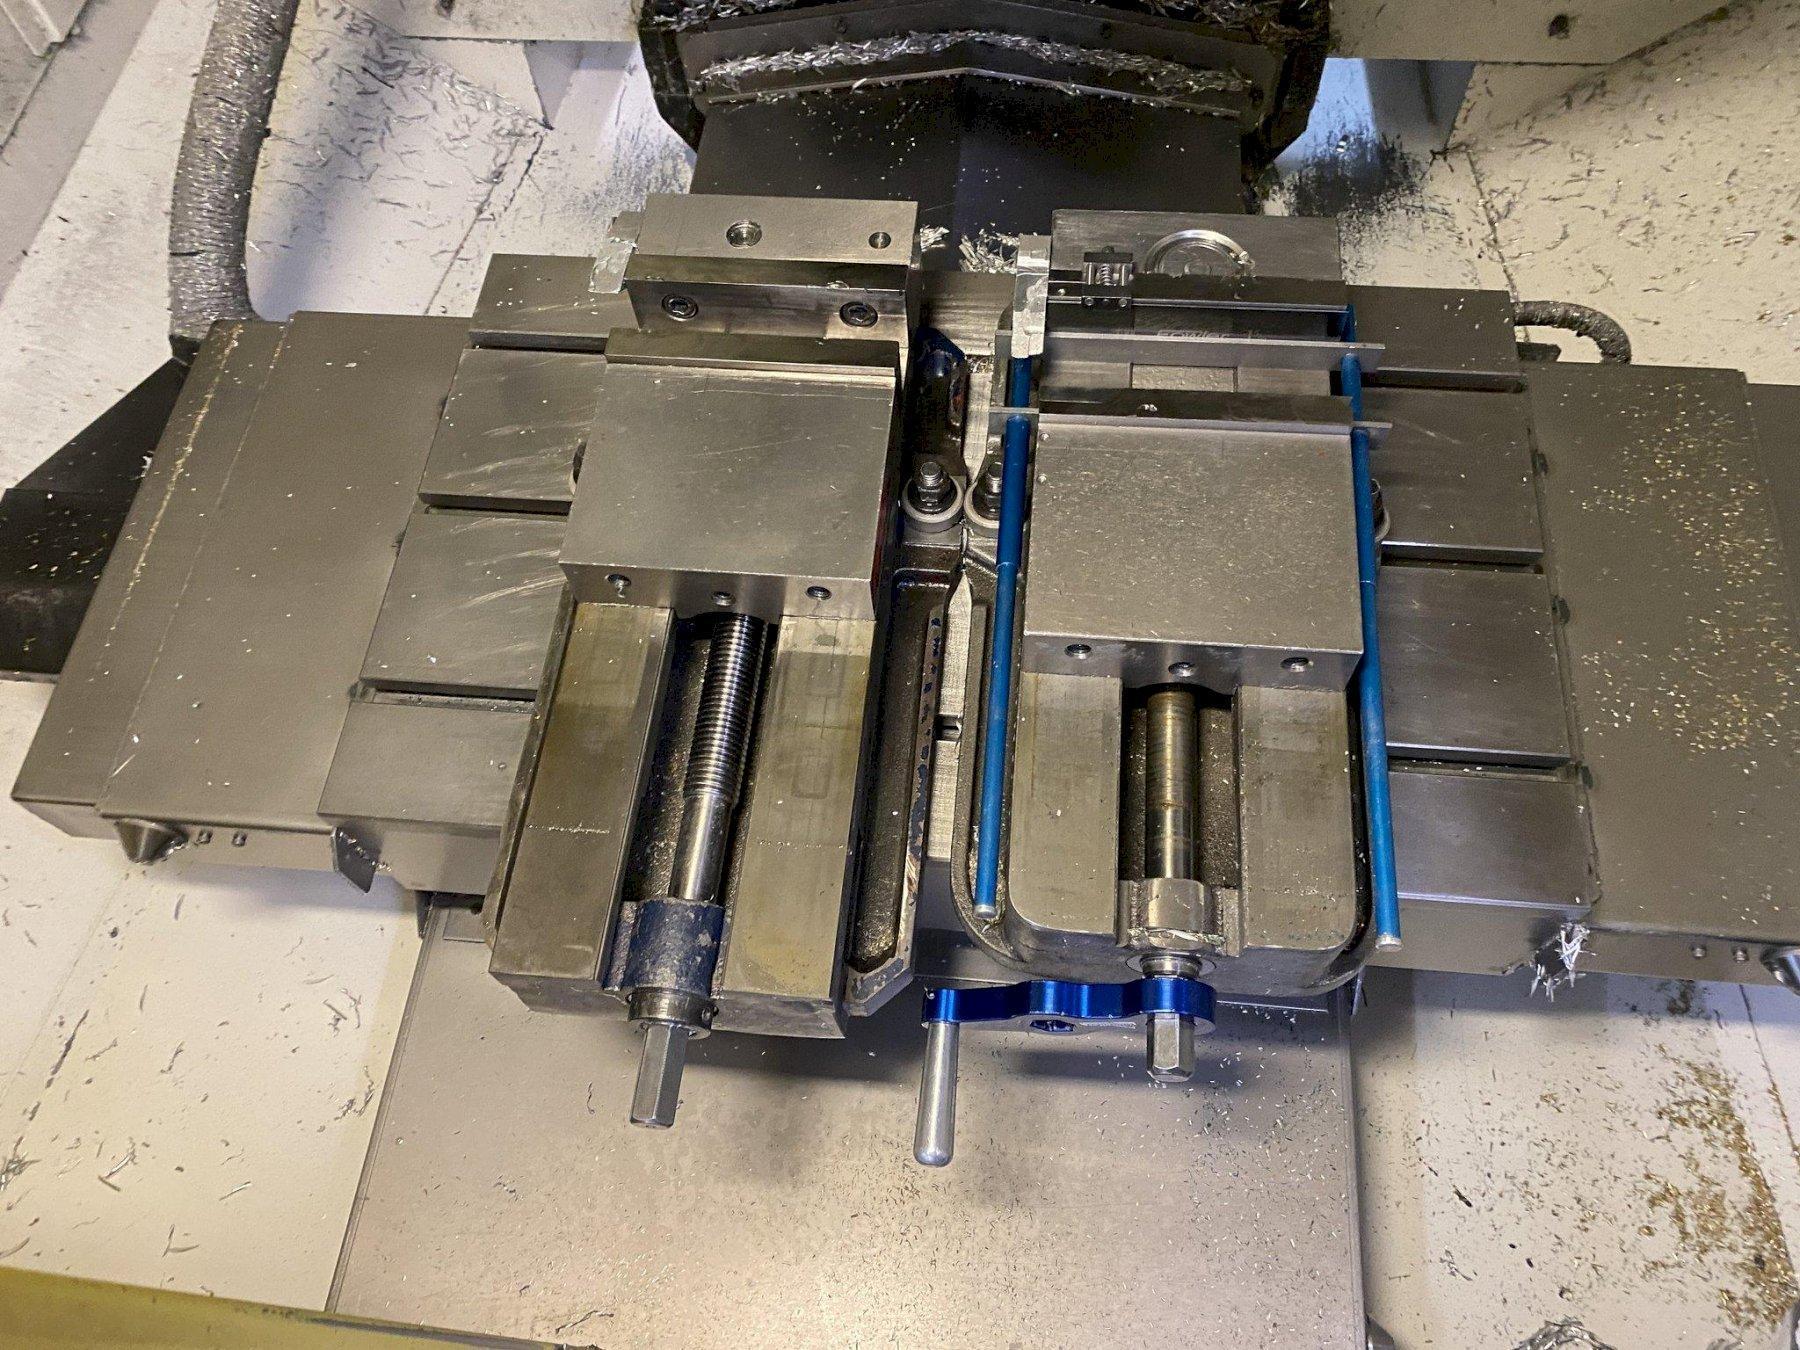 2009 Fanuc Robodrill a-T14iFe CNC Vertical Machining Center